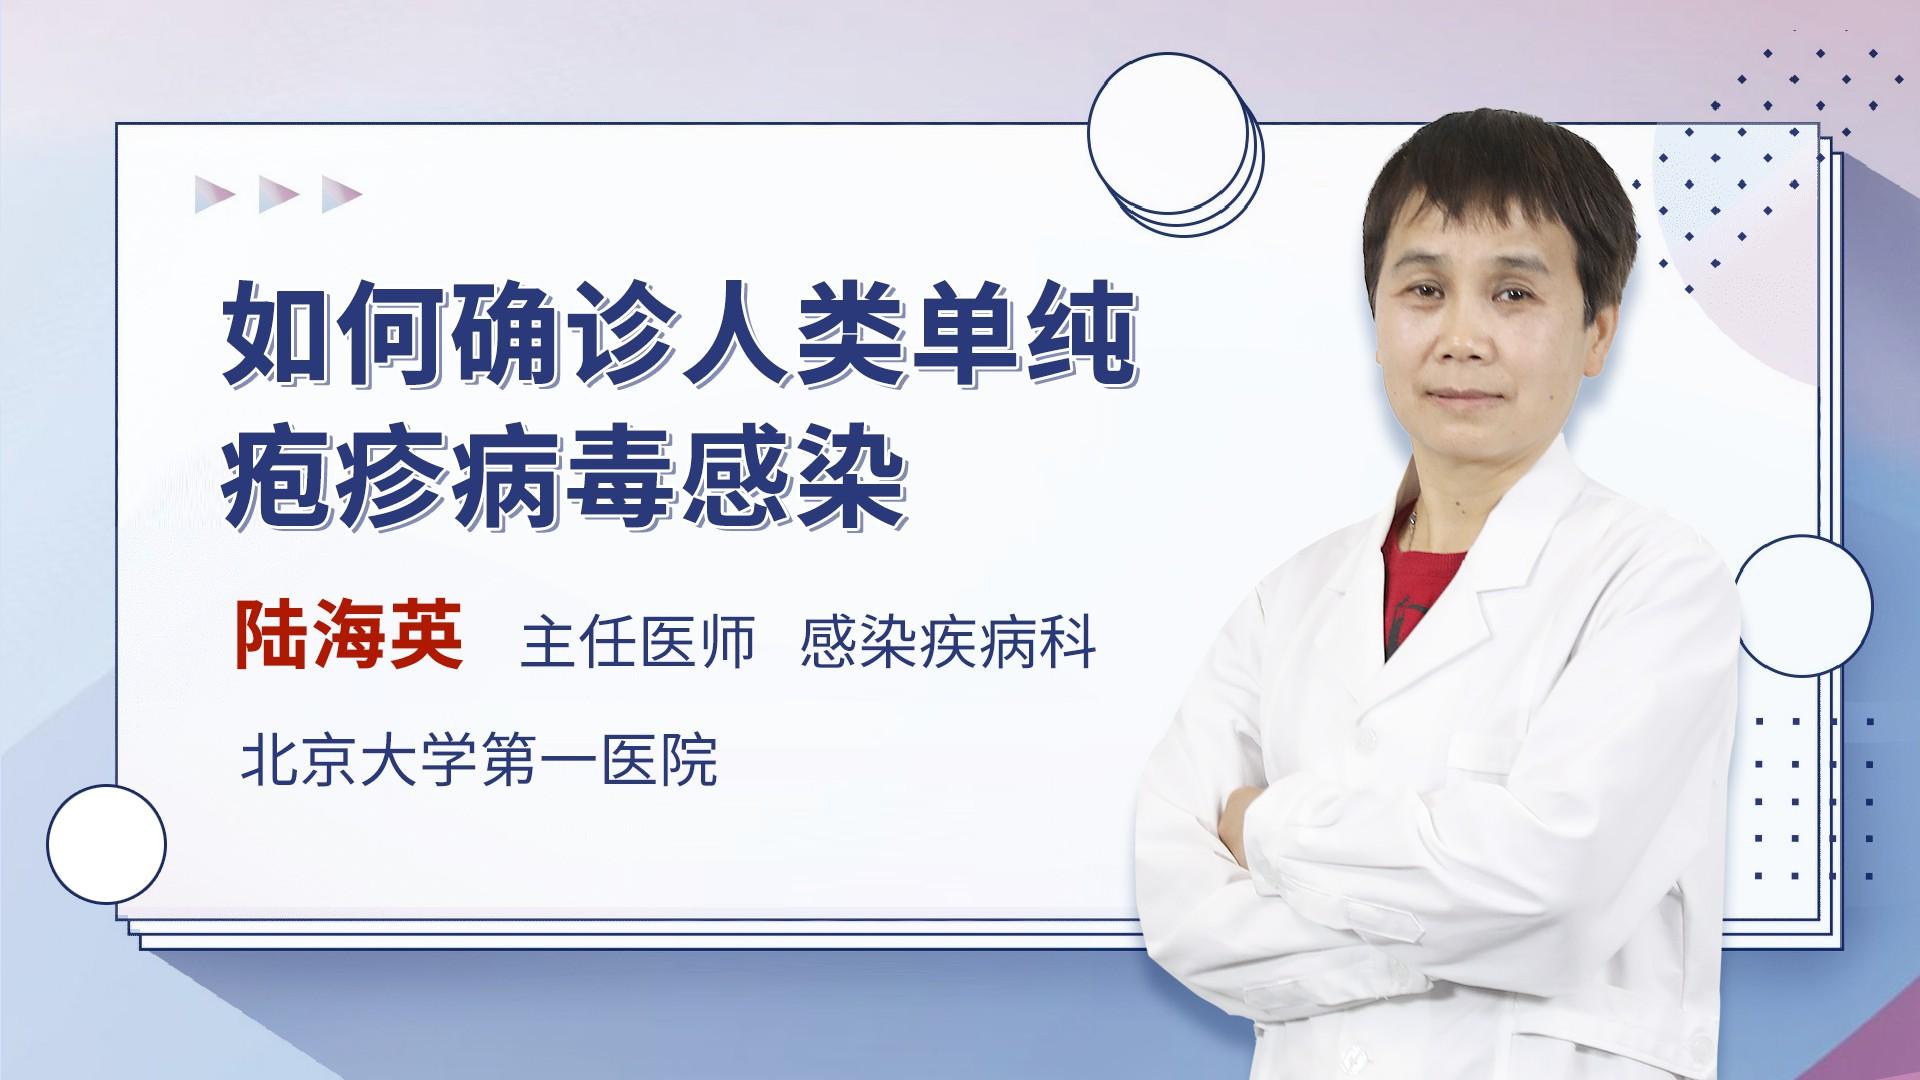 如何确诊人类单纯疱疹病毒感染